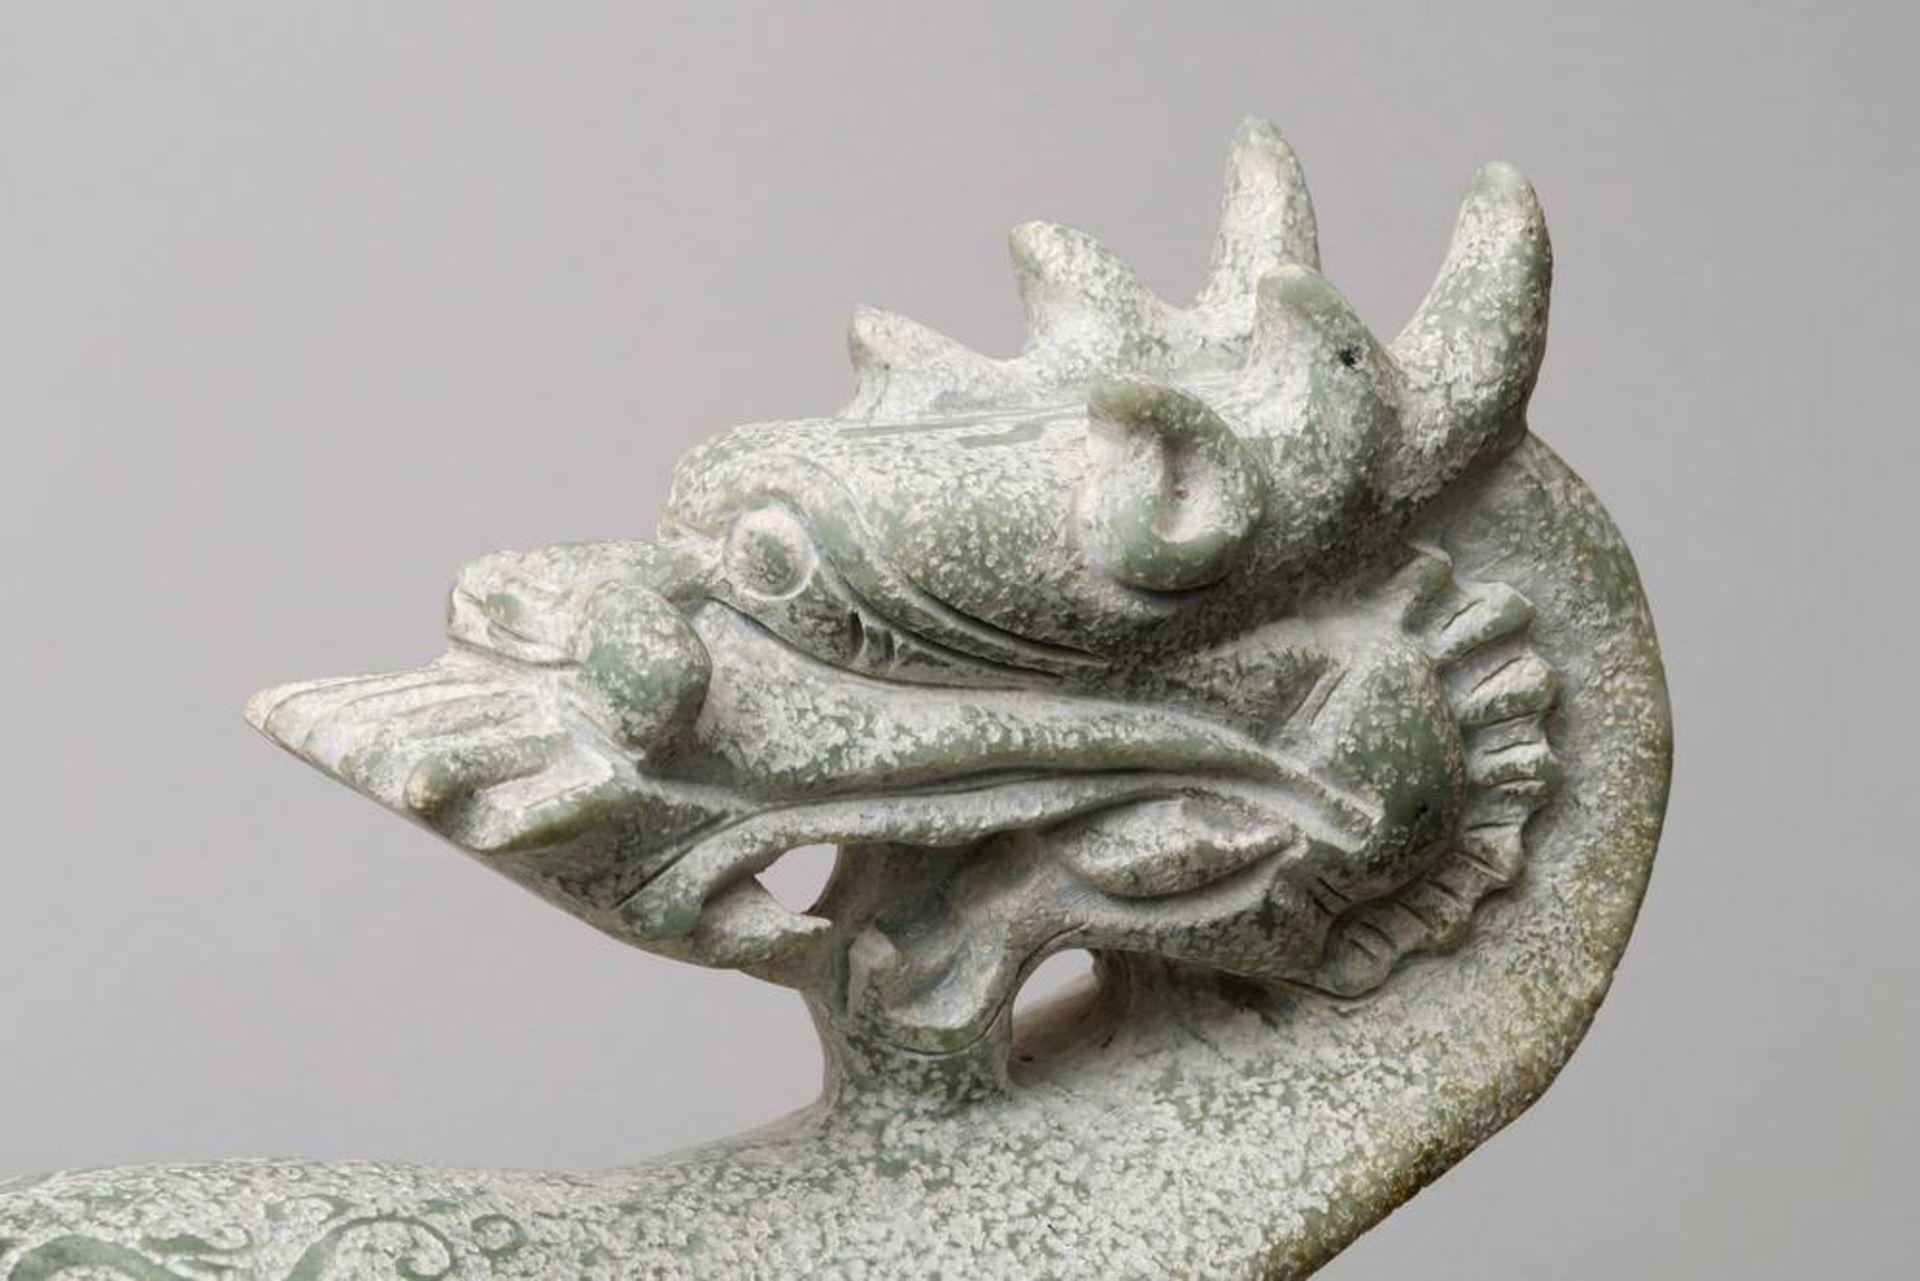 Übergroßer Gürtelhaken China, wohl 20. Jh., Jade, geschwungene Form mit plastischem Drachenkopf, - Bild 3 aus 5